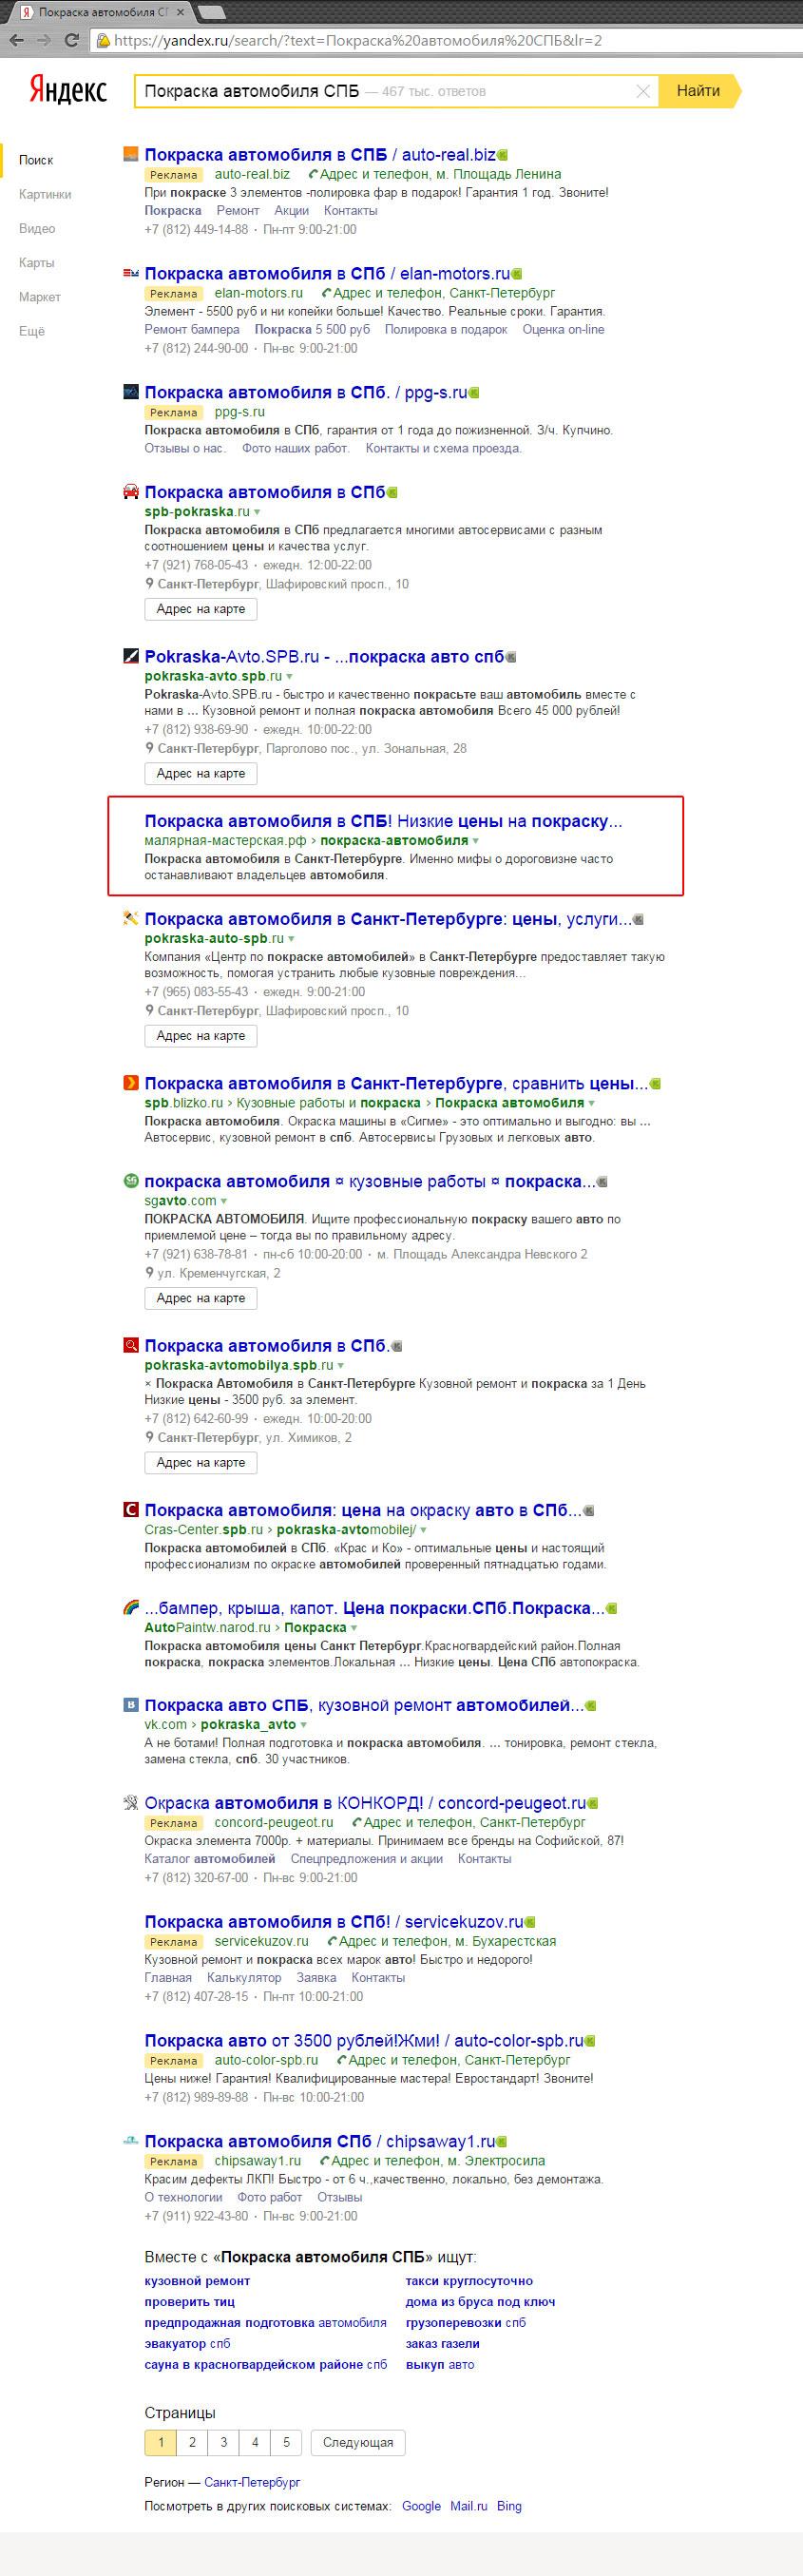 Покраска автомобиля СПБ, Санкт-Петербург и Ленинградская область / Яндекс (3-место)